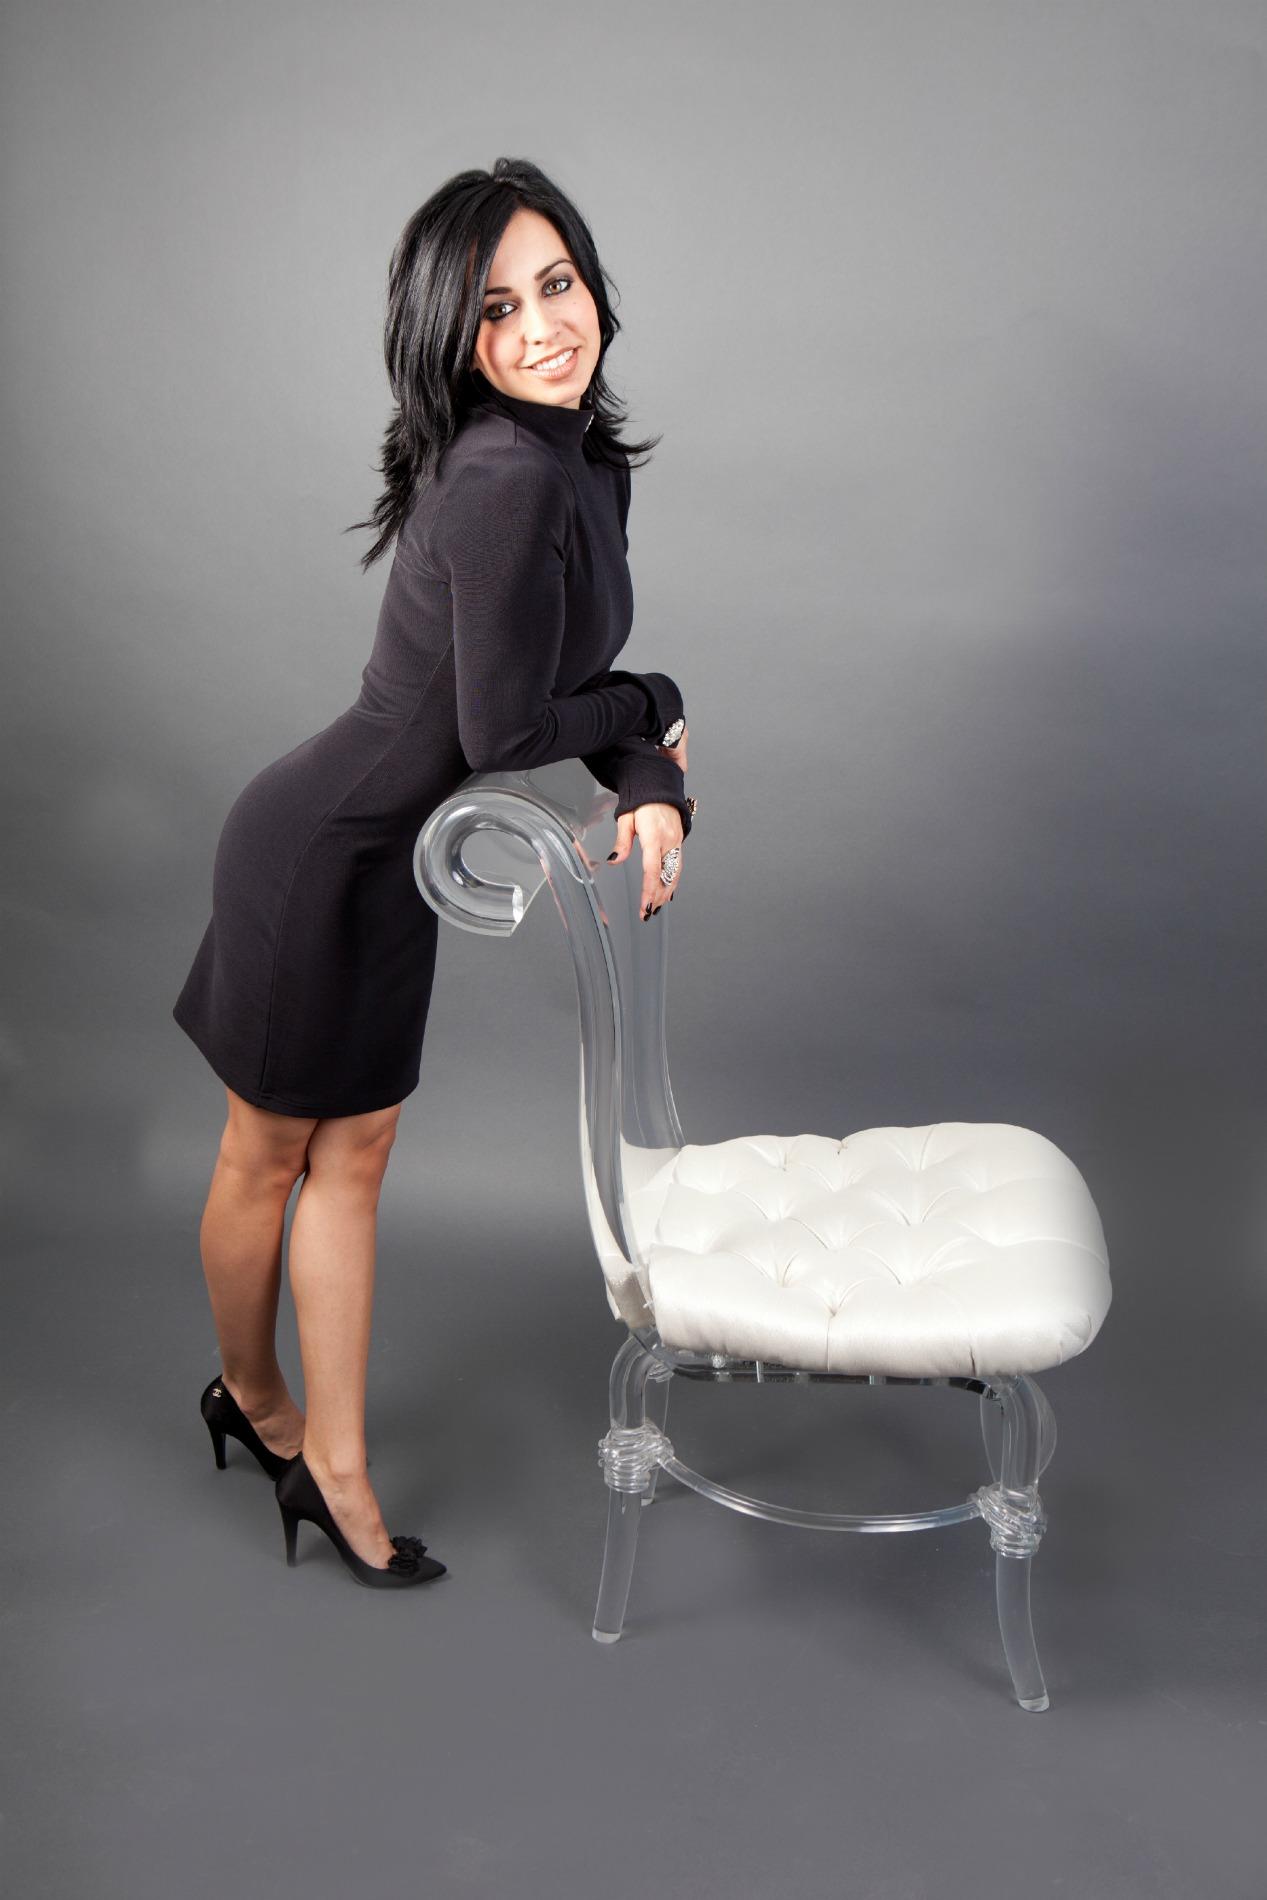 HGTV Interior Designer Vanessa DeLeon Fall Home Design